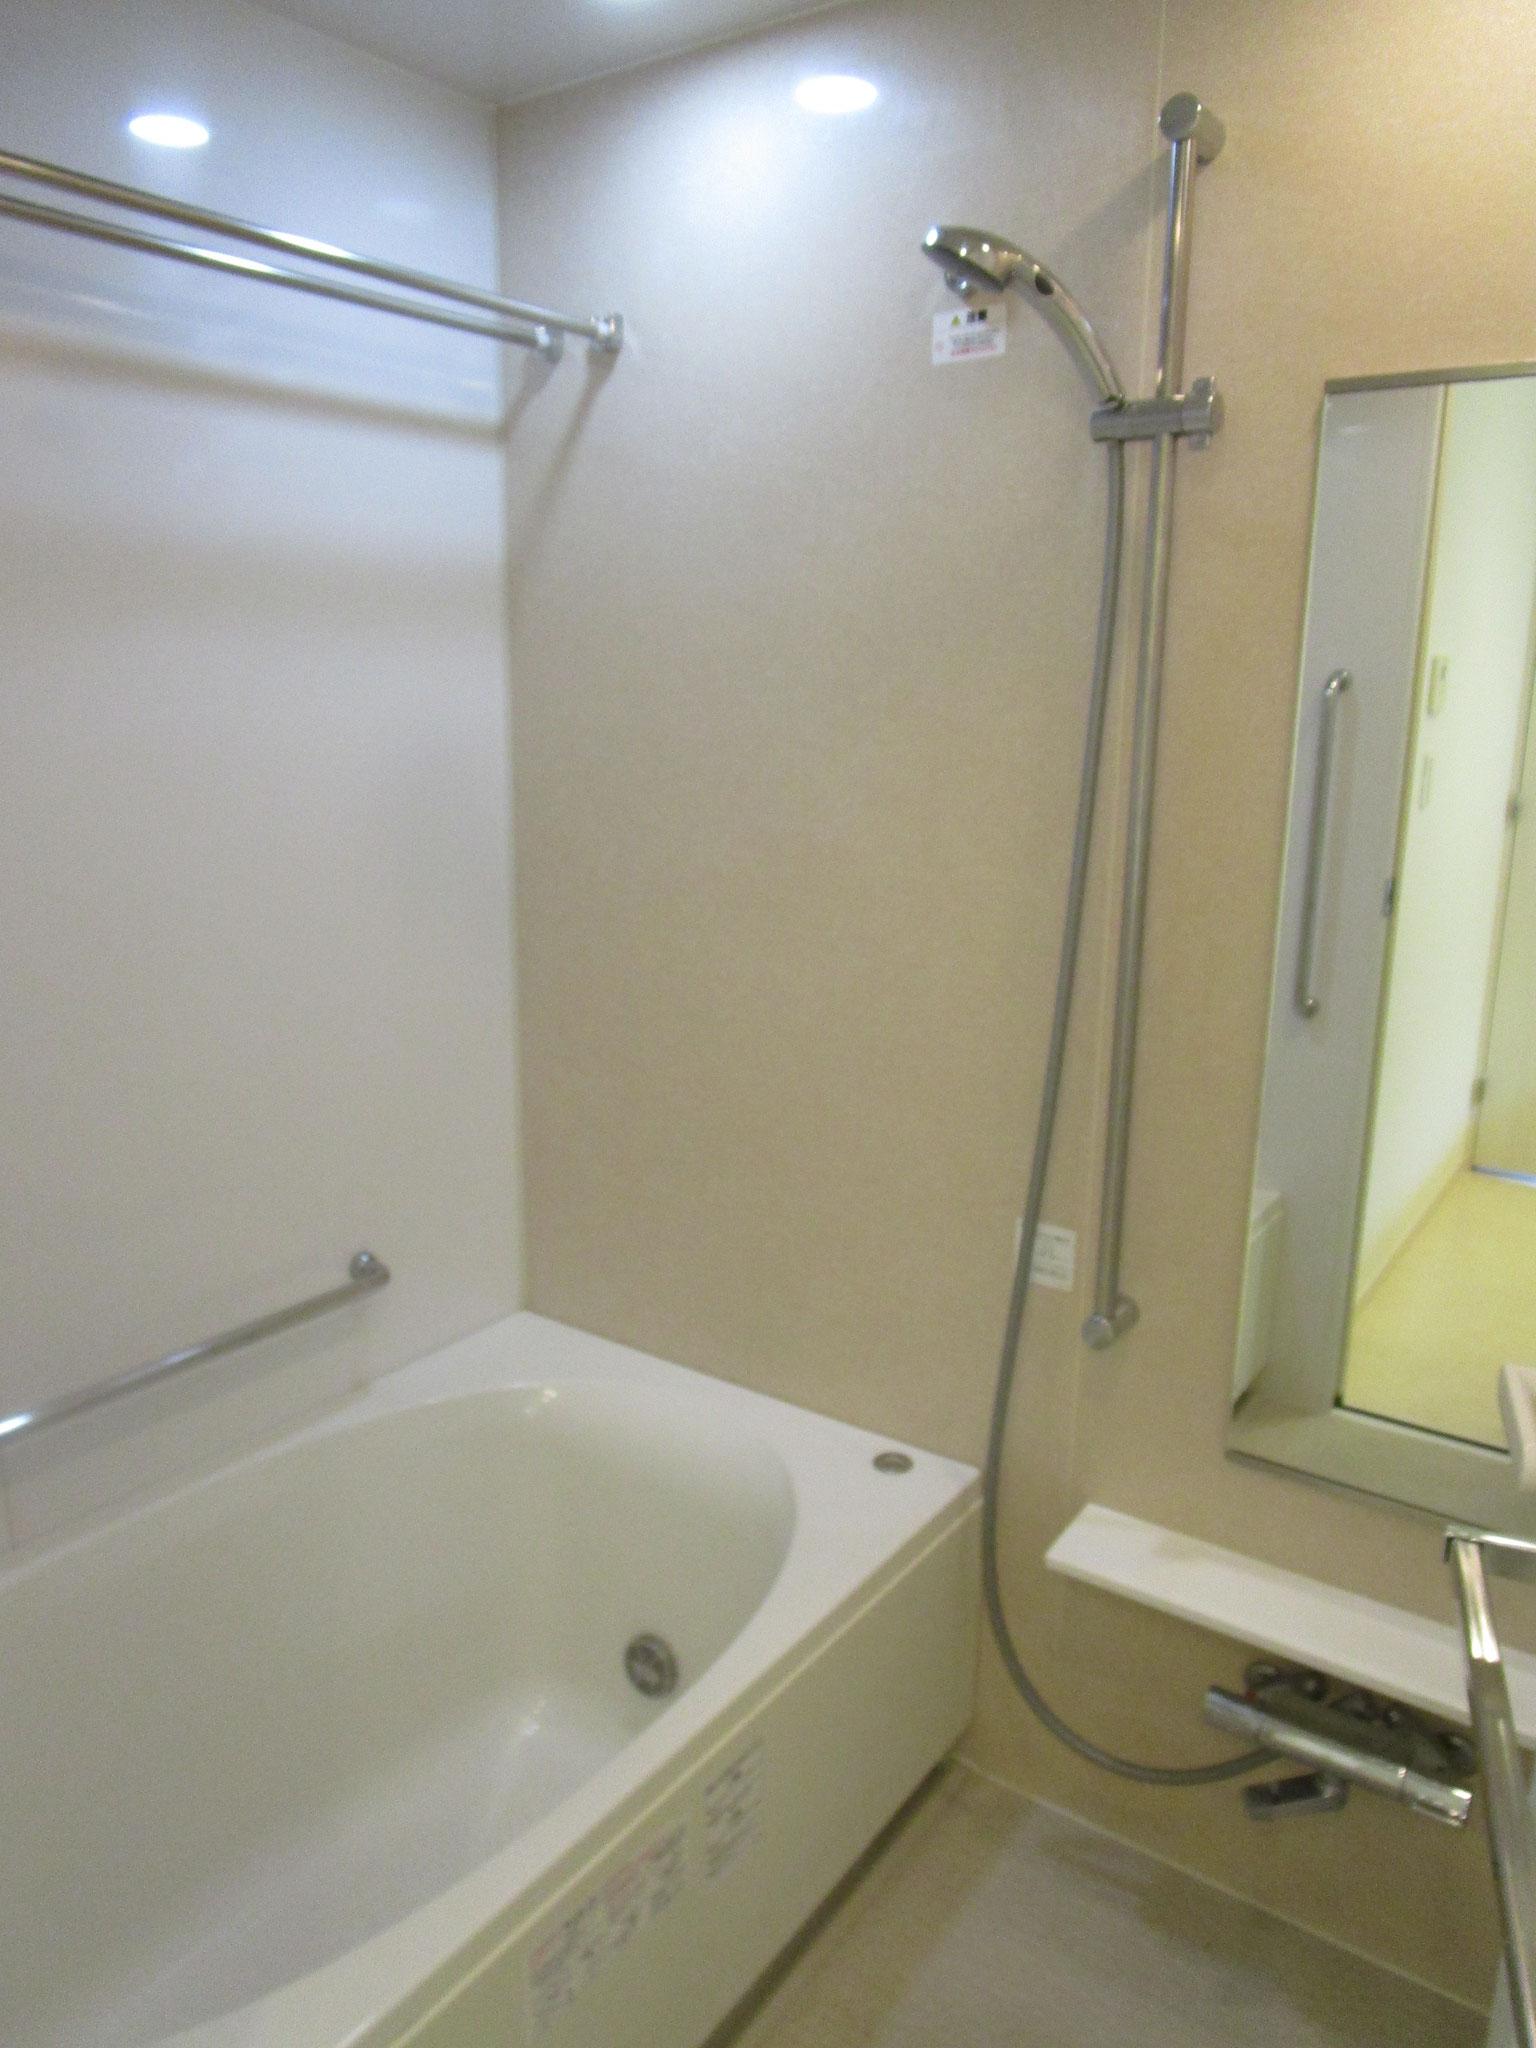 浴室は暖房乾燥機・ミストサウナ付きです